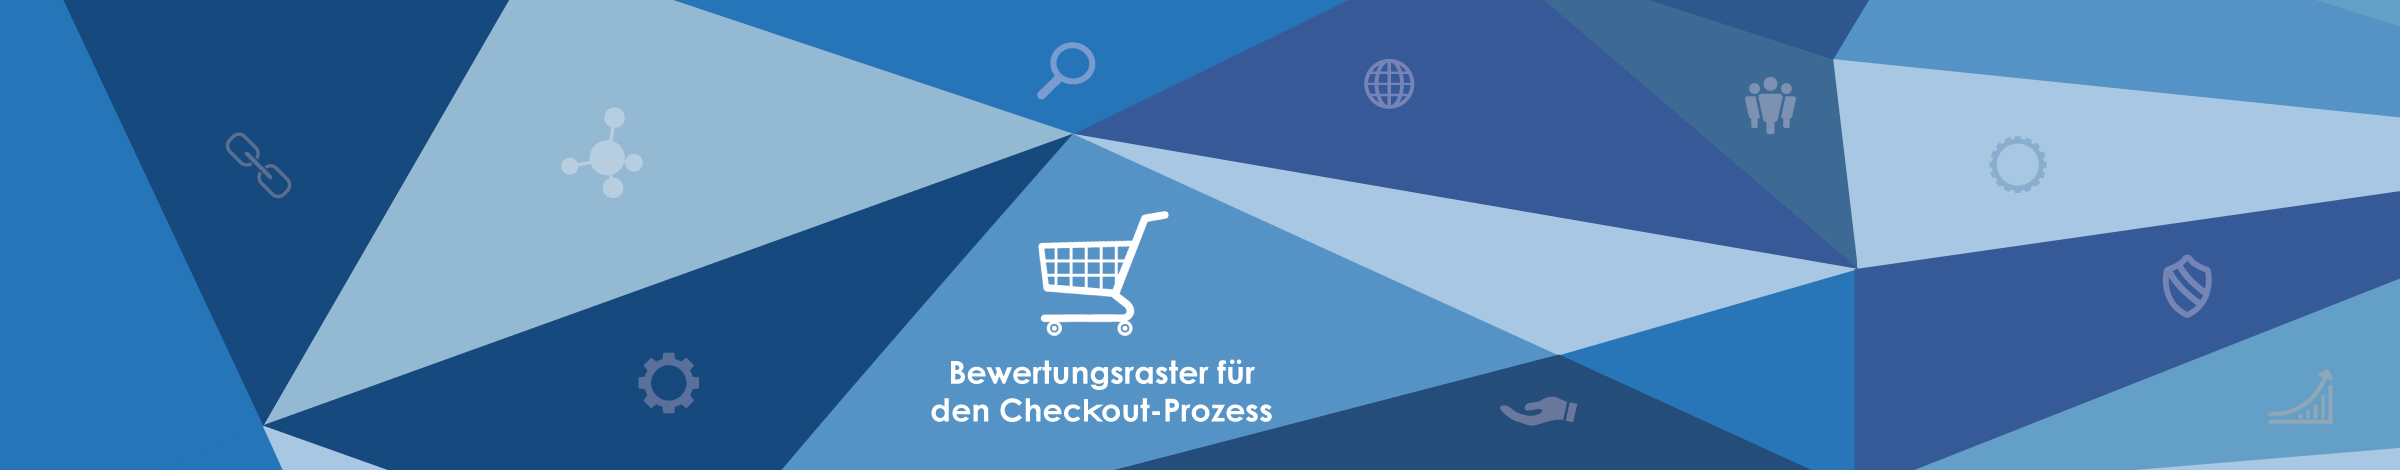 web_updates_kmu_wuk-ch-WordPress_Bewertungsraster-für-den-Checkout-Prozess